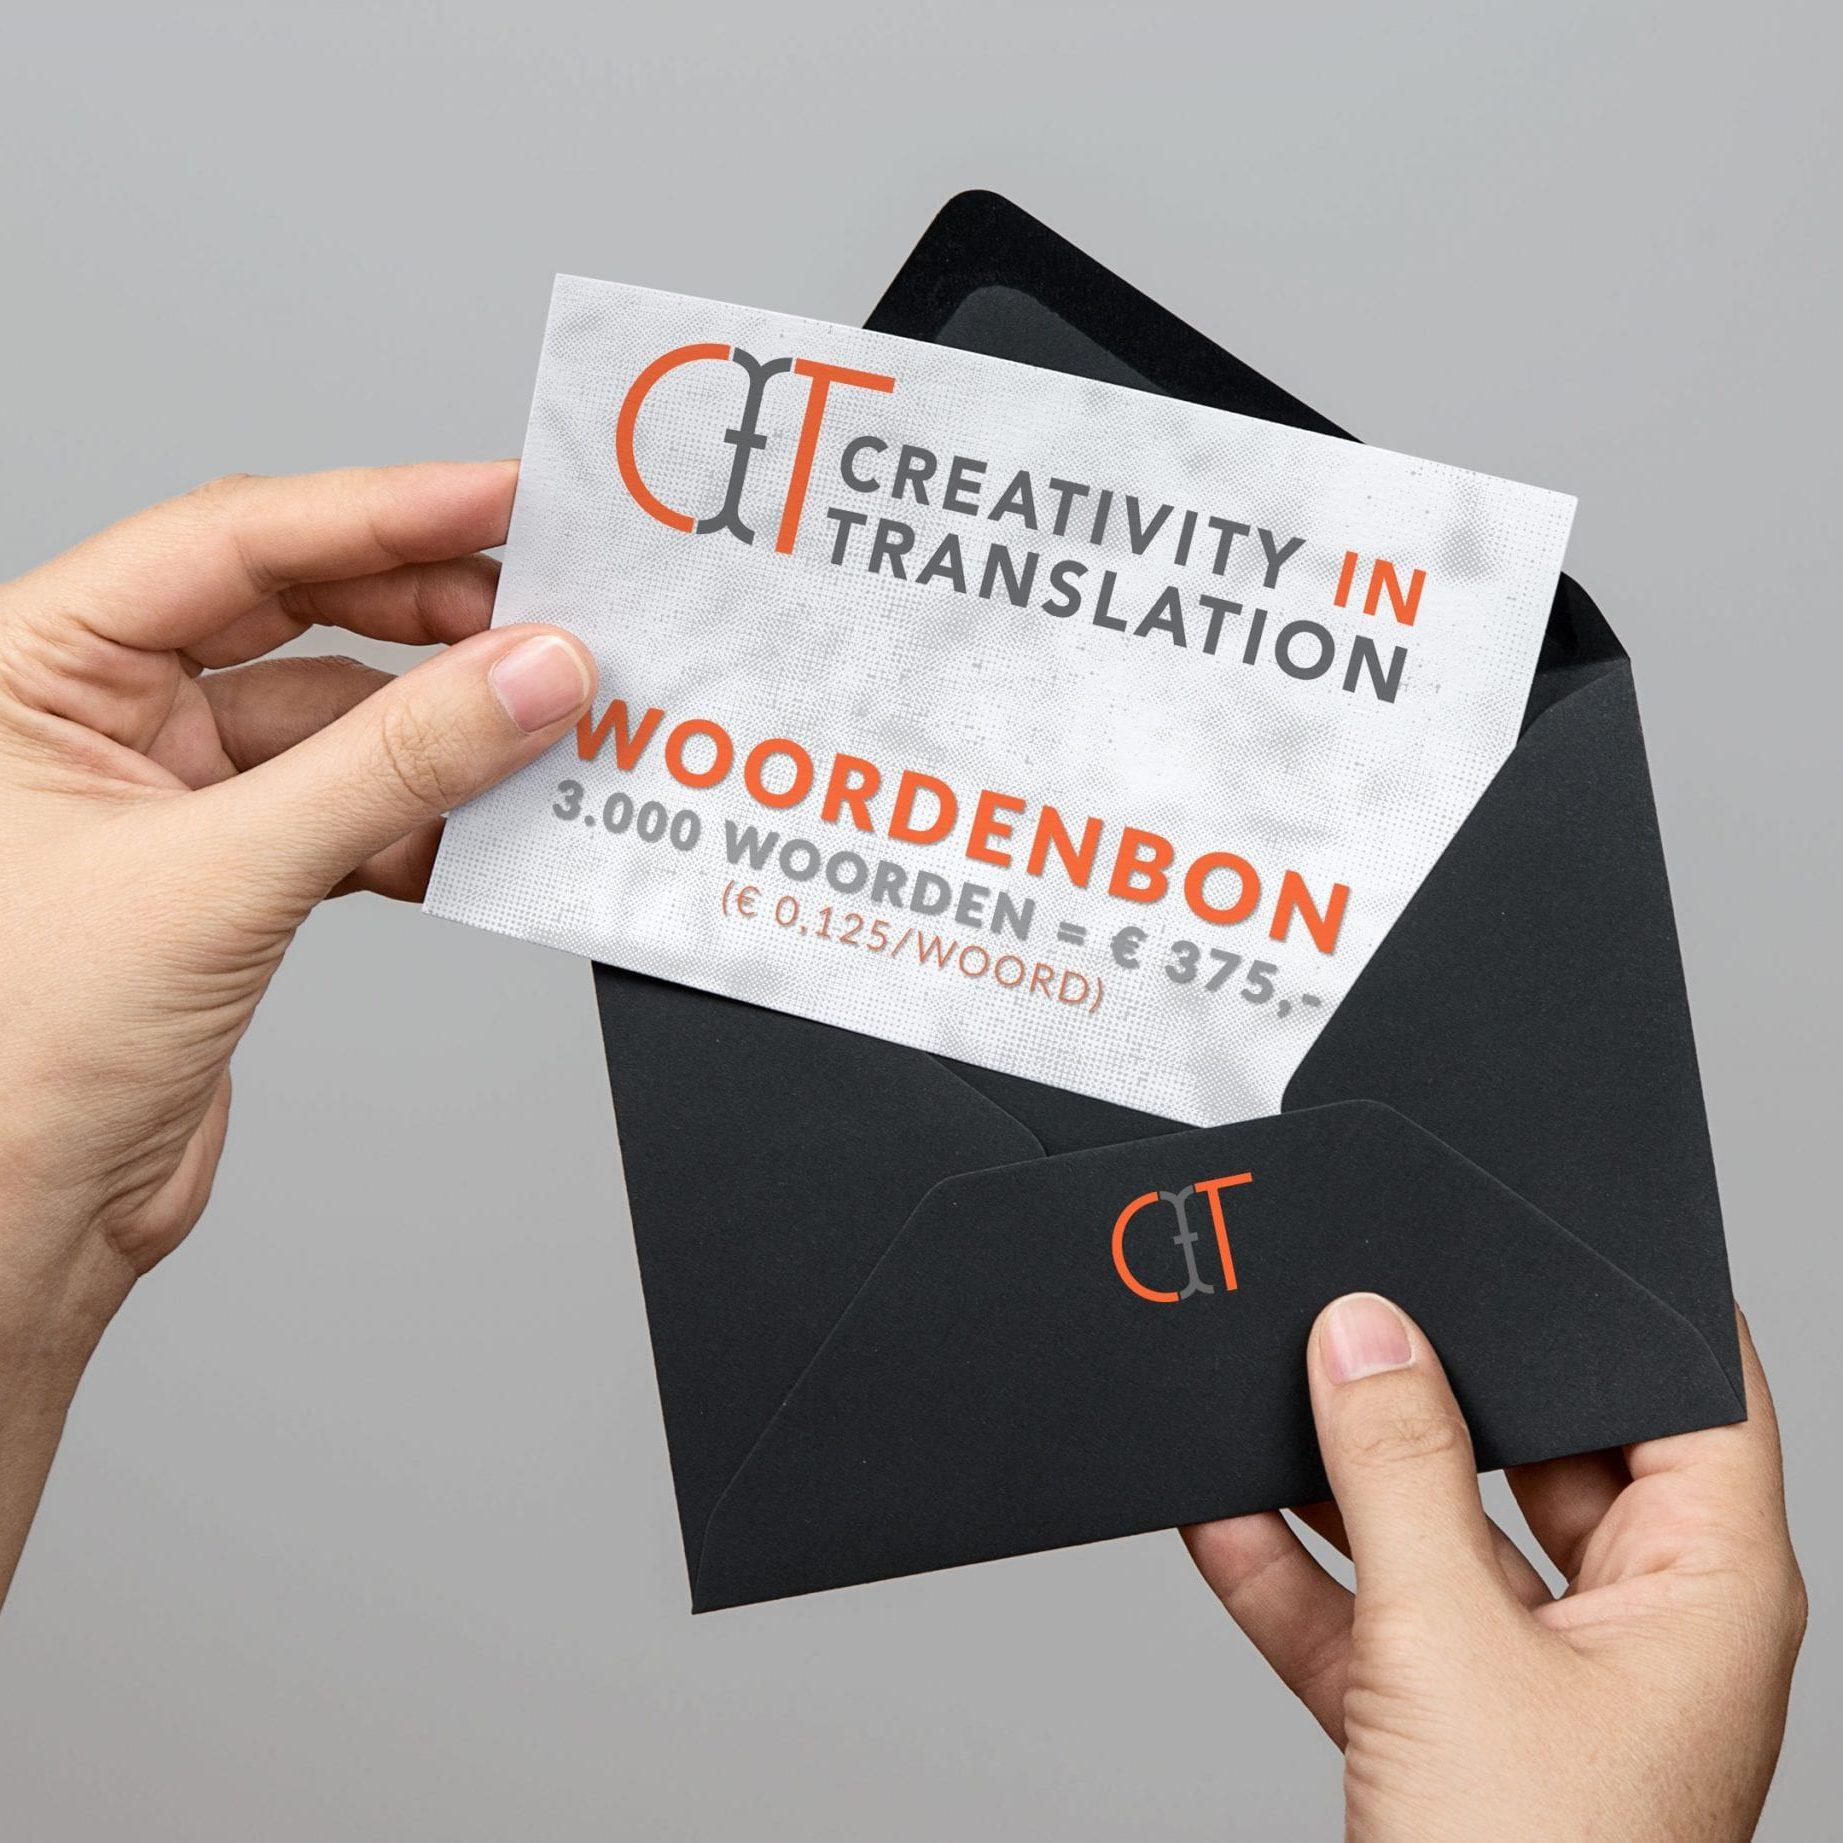 CIT Woordenbon 3000